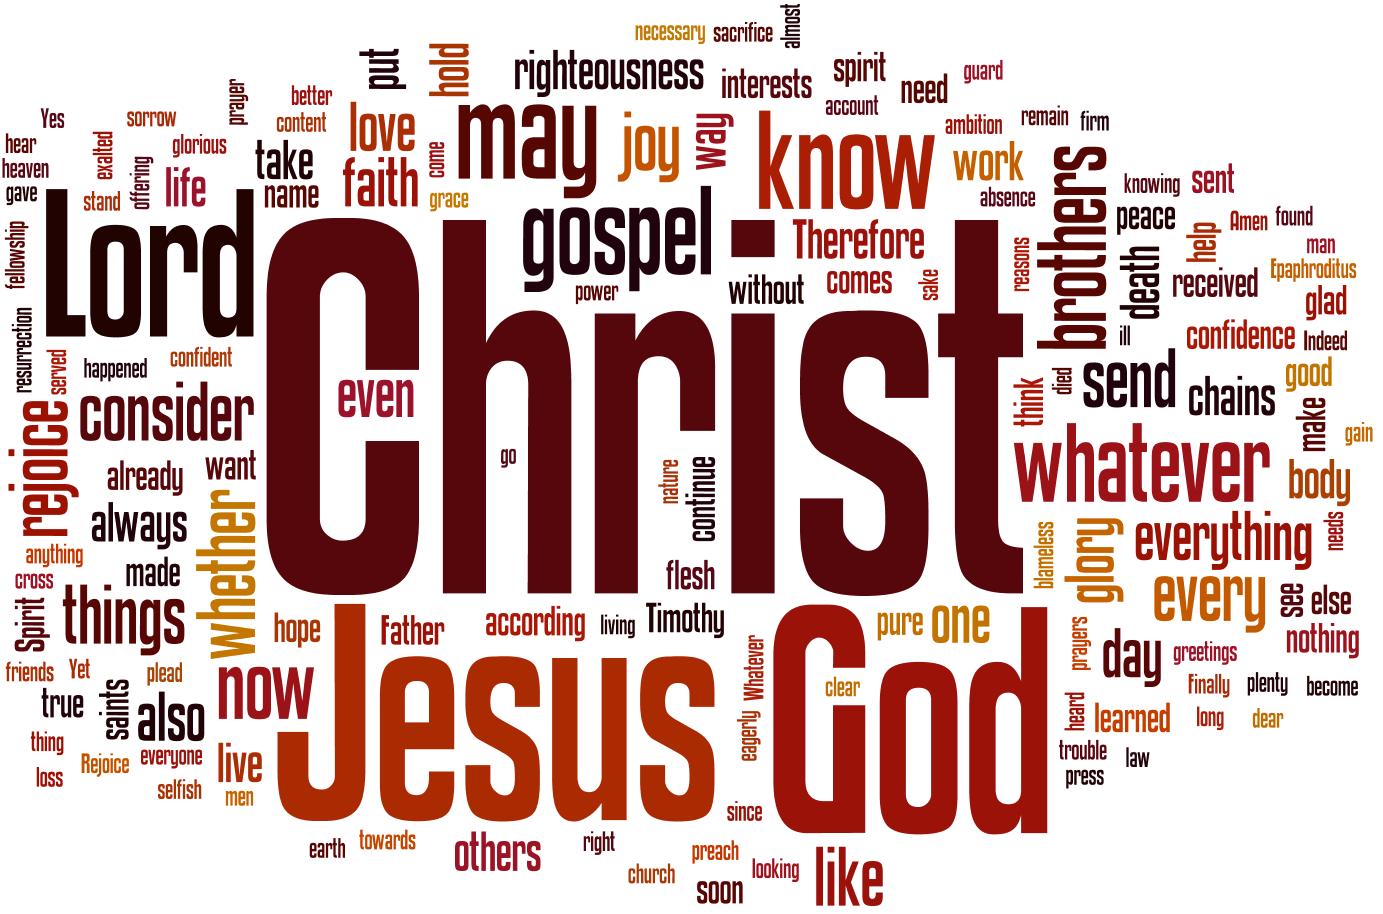 Wordle - Philippians